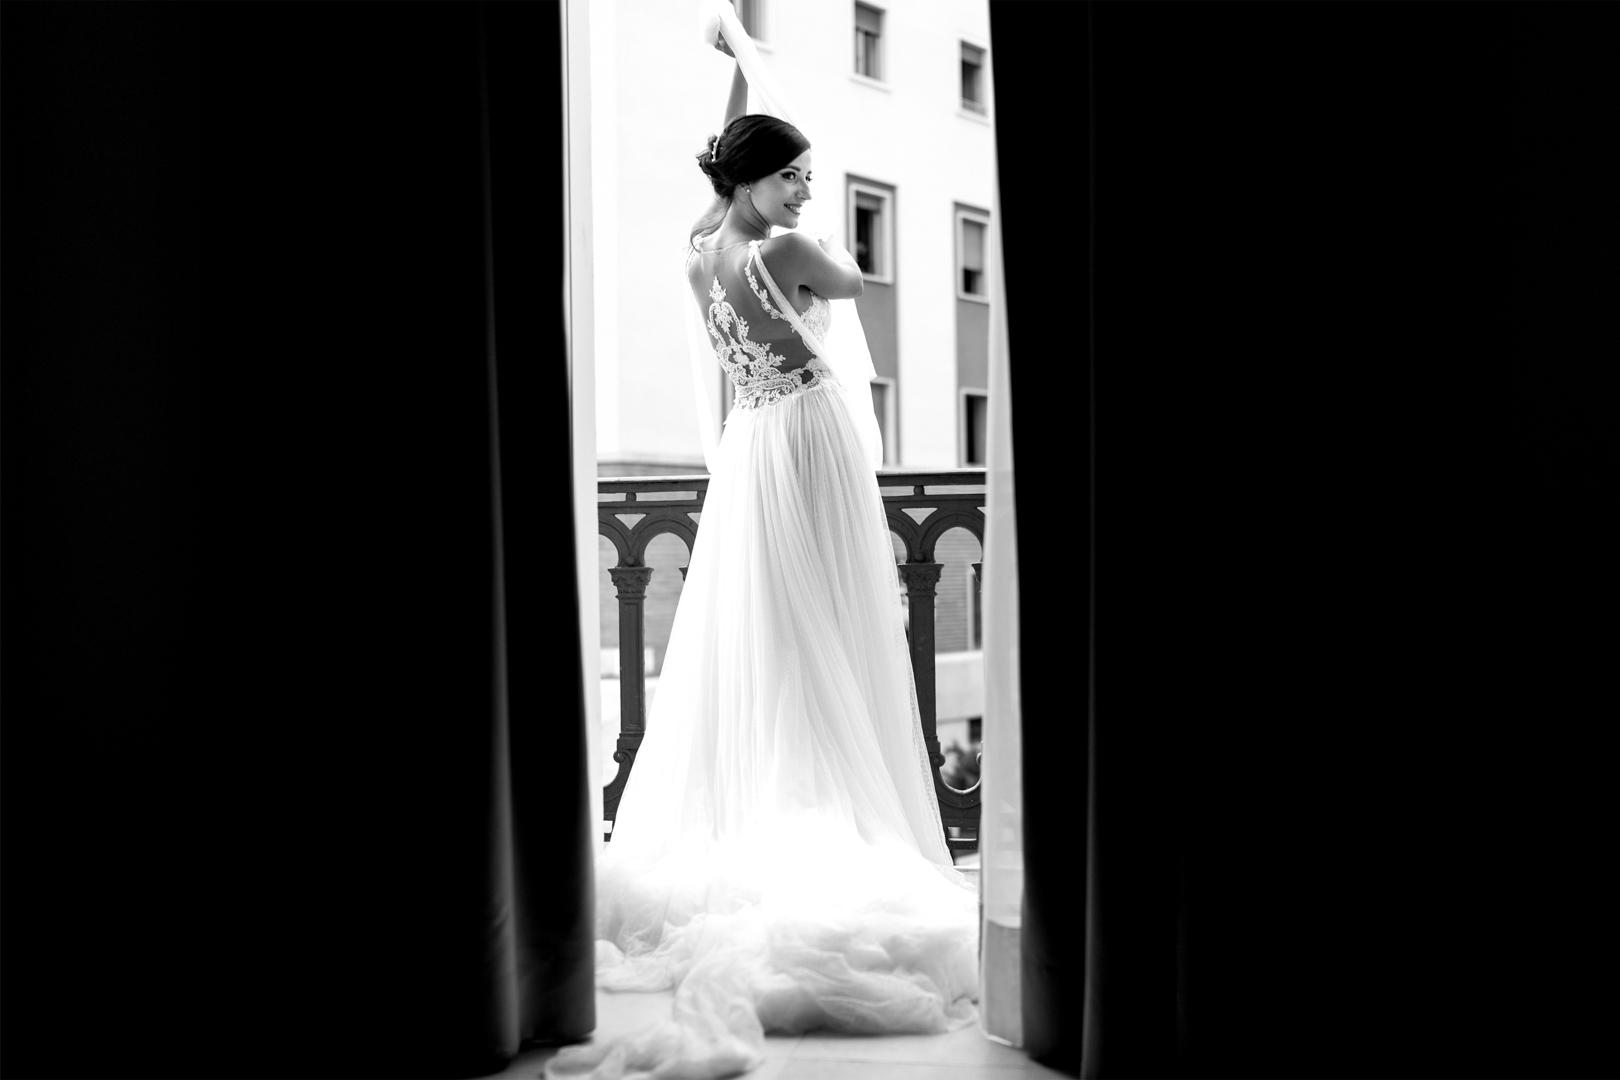 22 gianni-lepore-sposa-bride-eleganza